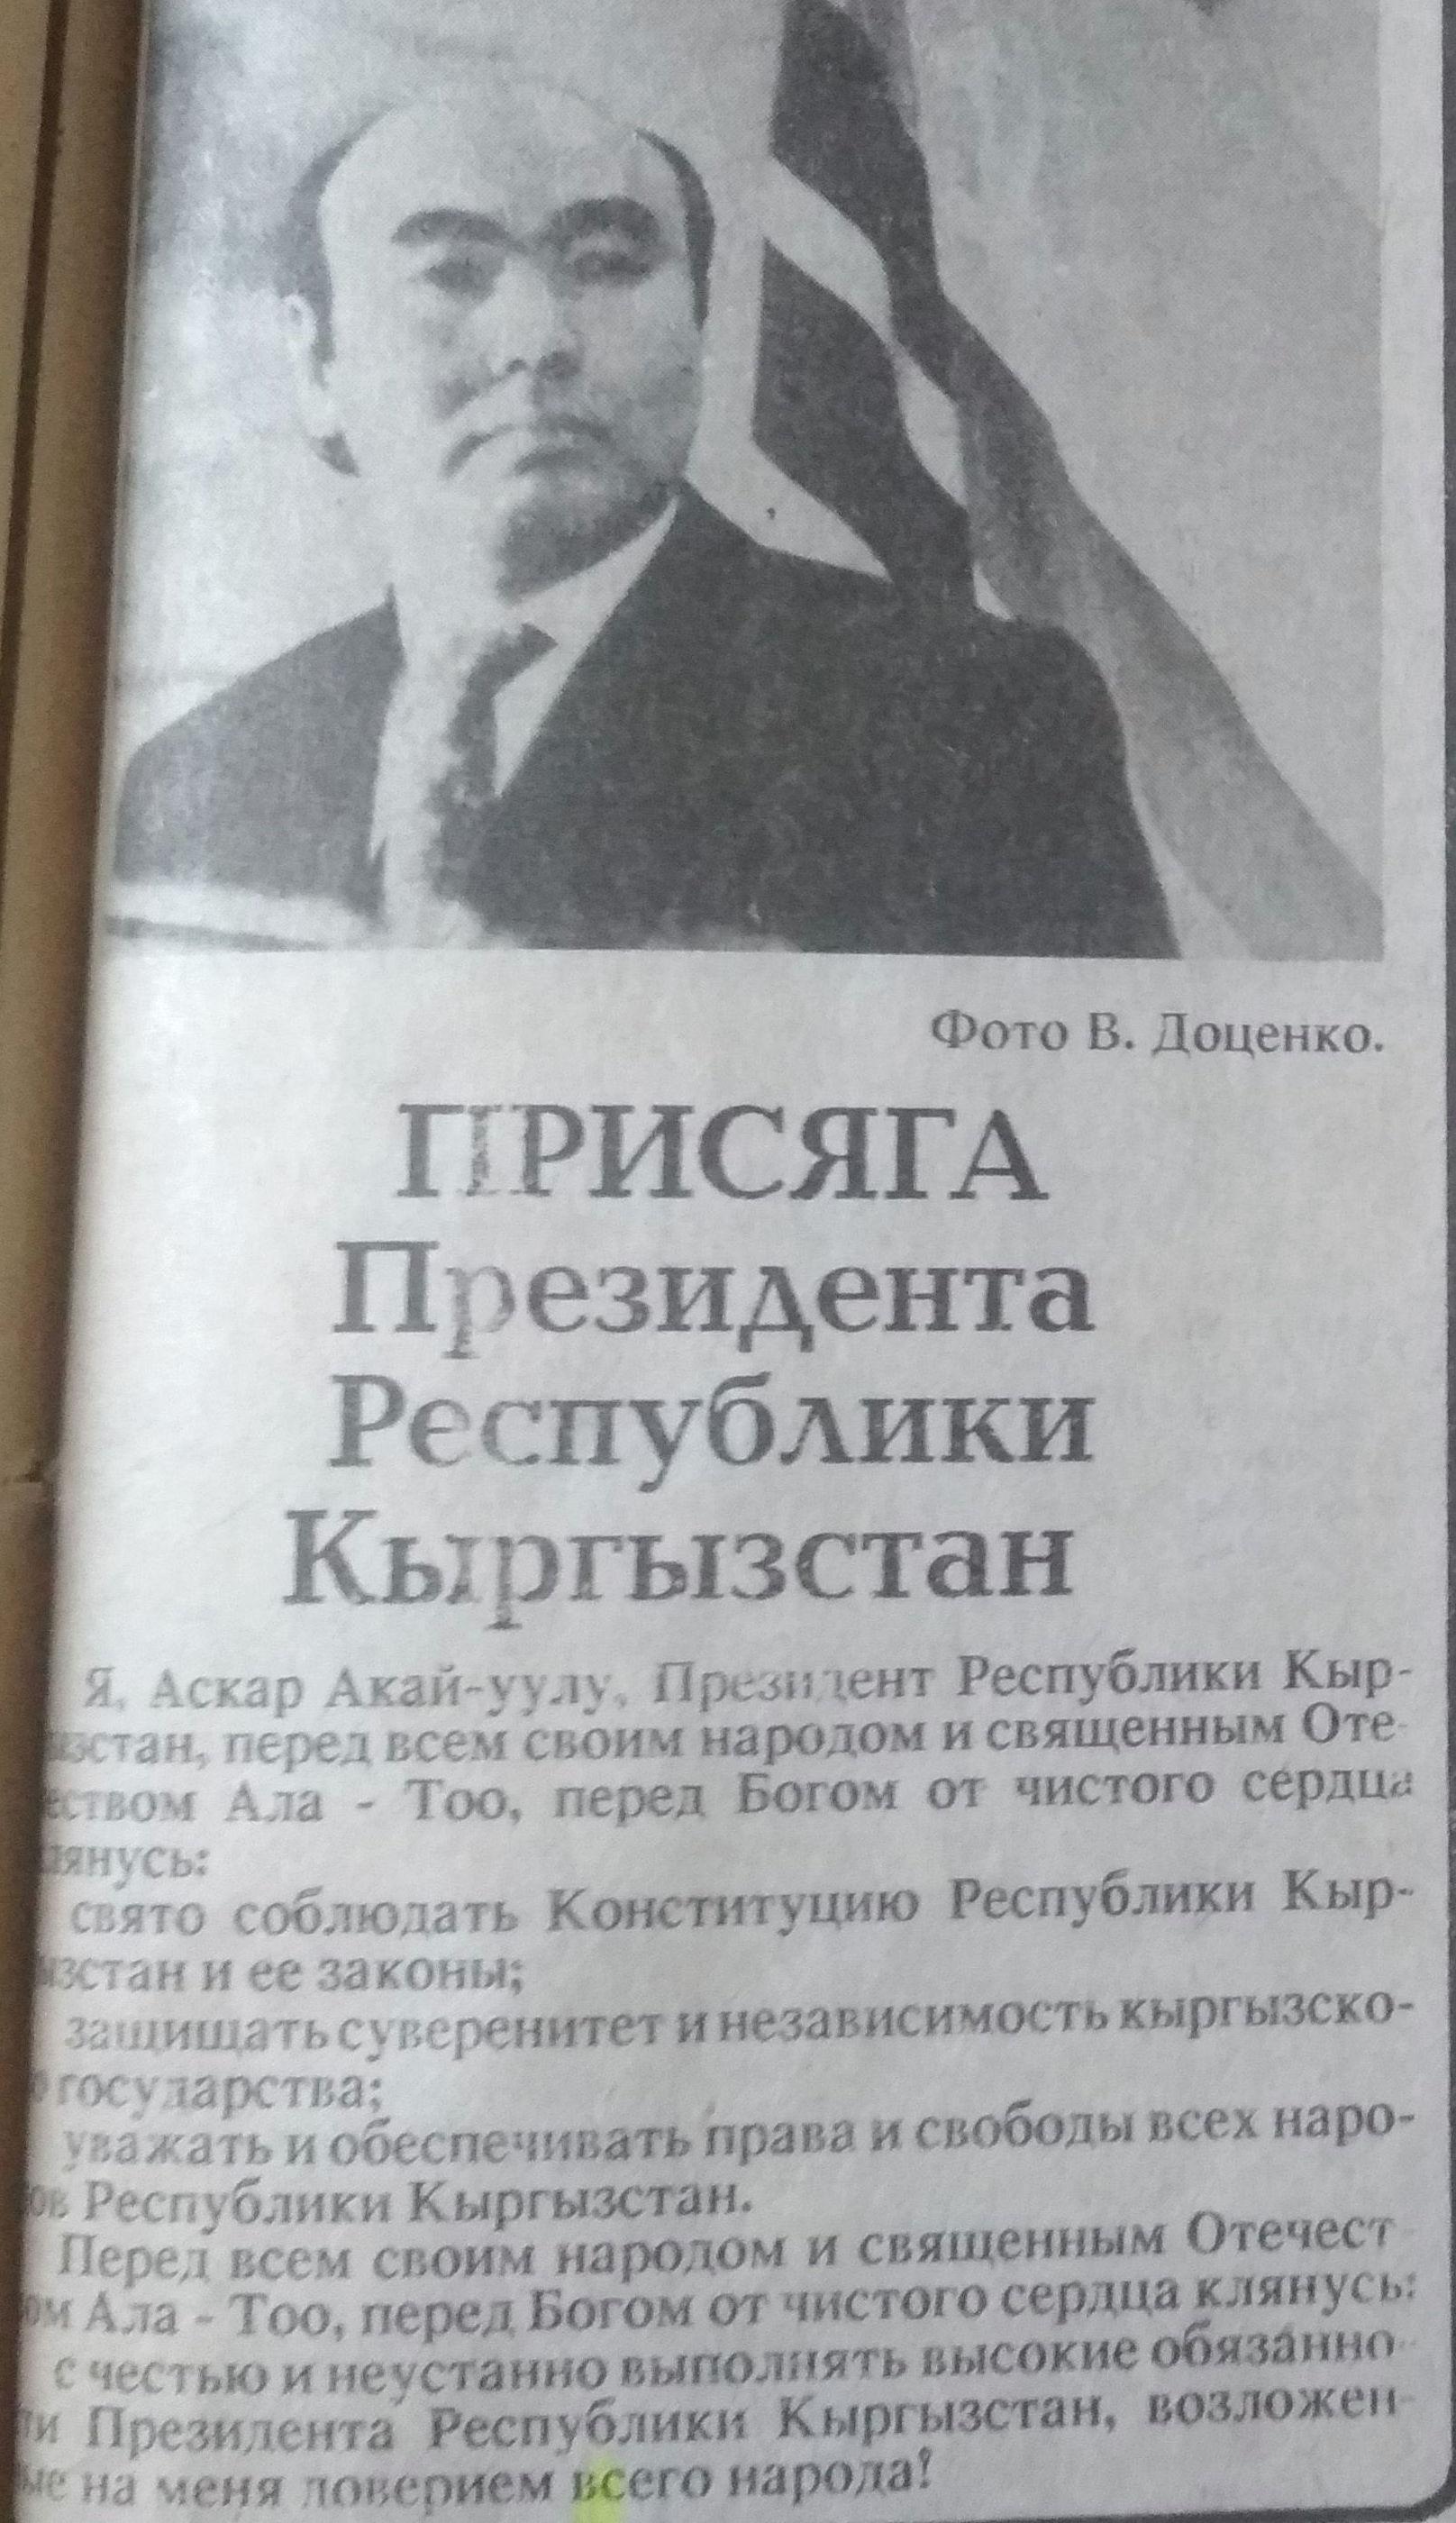 Архив газеты Слово Кыргызстана, выпуск 12 декабря 1991 года